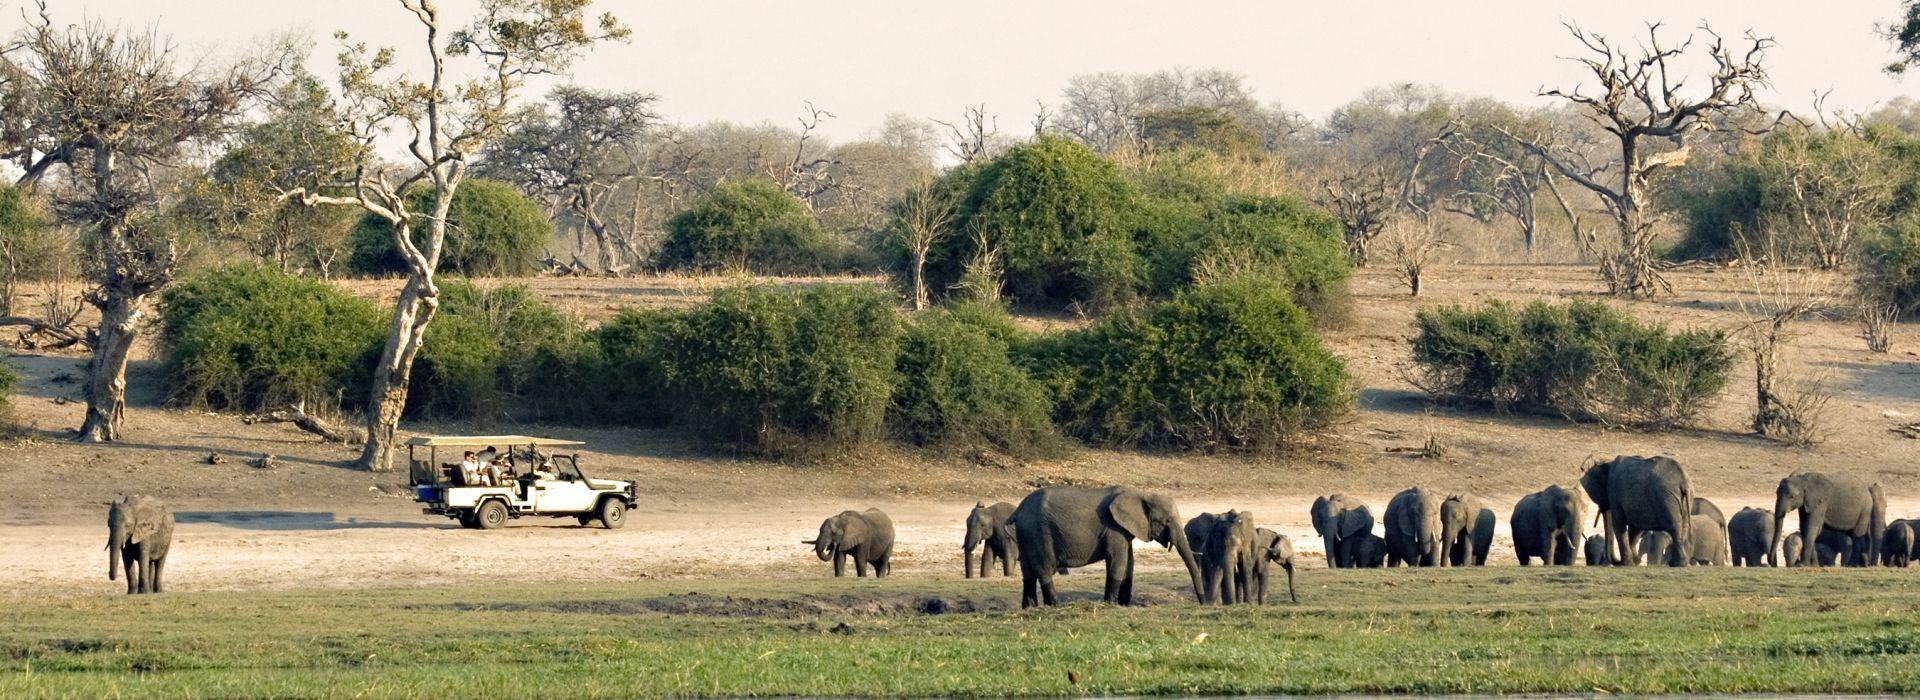 Walking tours in Botswana